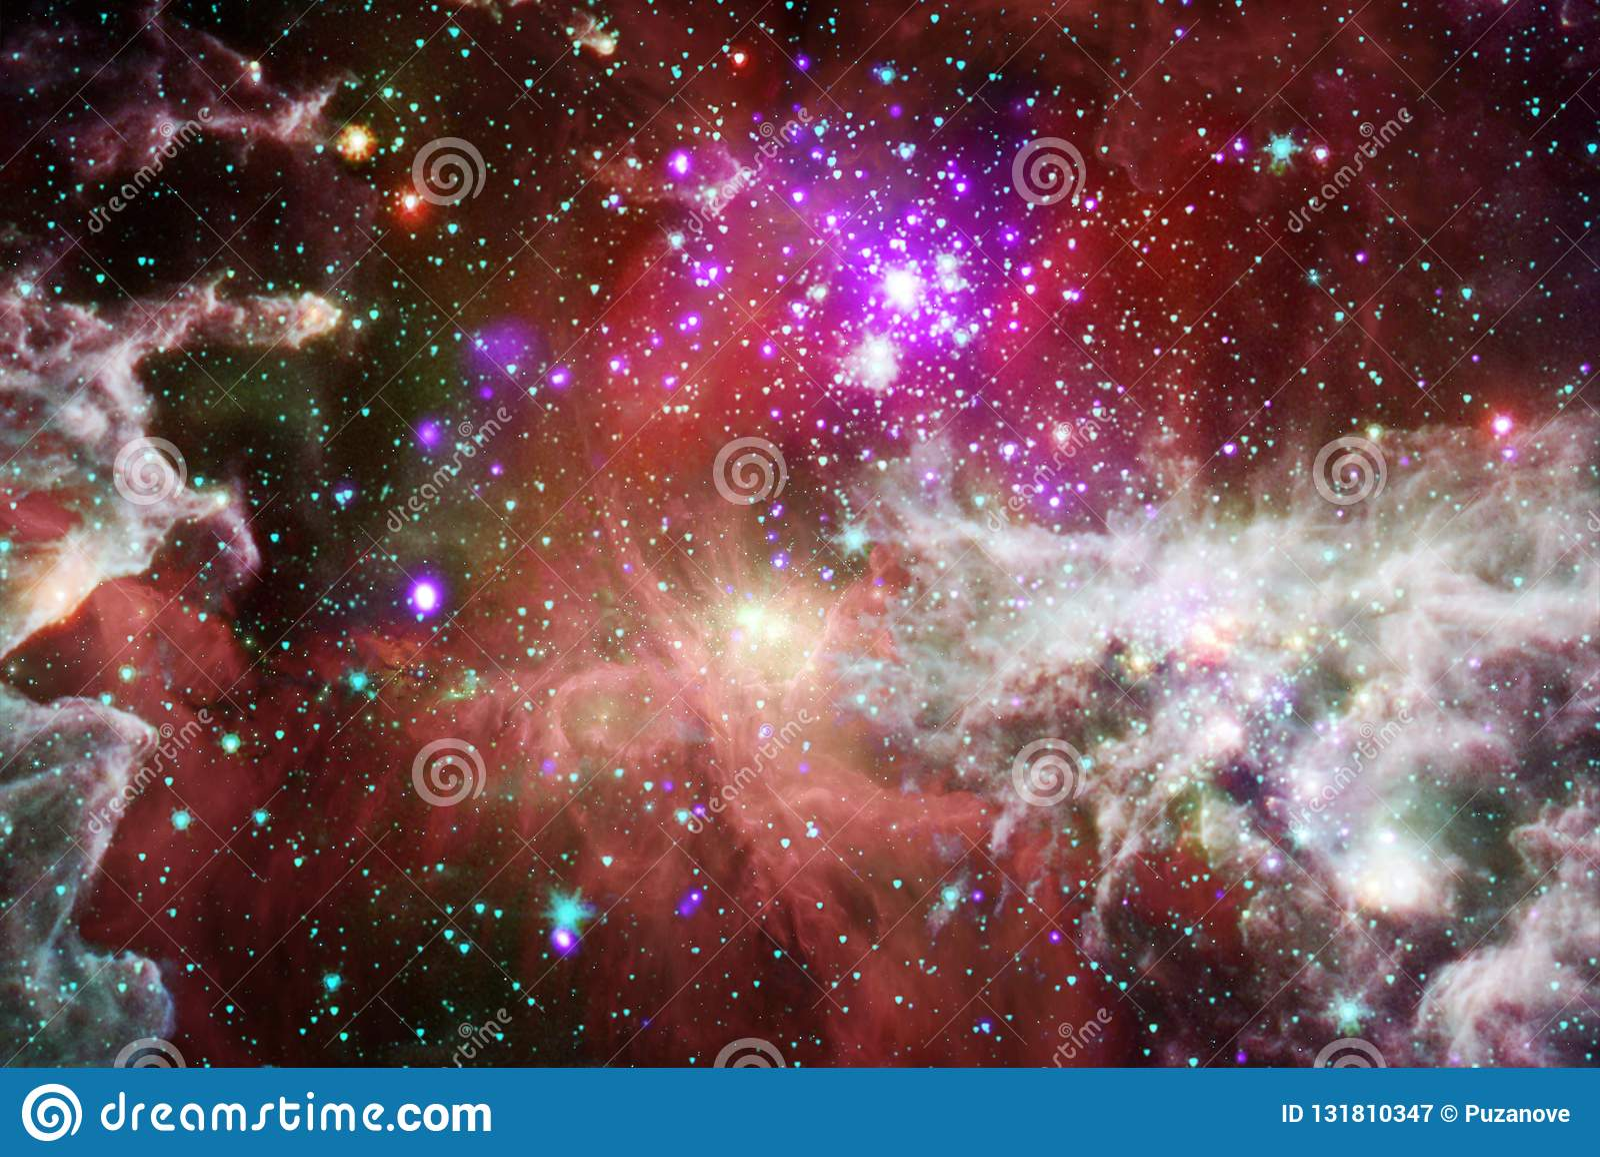 Όμορφος γαλαξίας κάπου στο μακρινό διάστημα Στοιχεία αυτής της εικόνας που εφοδιάζεται από τη NASA